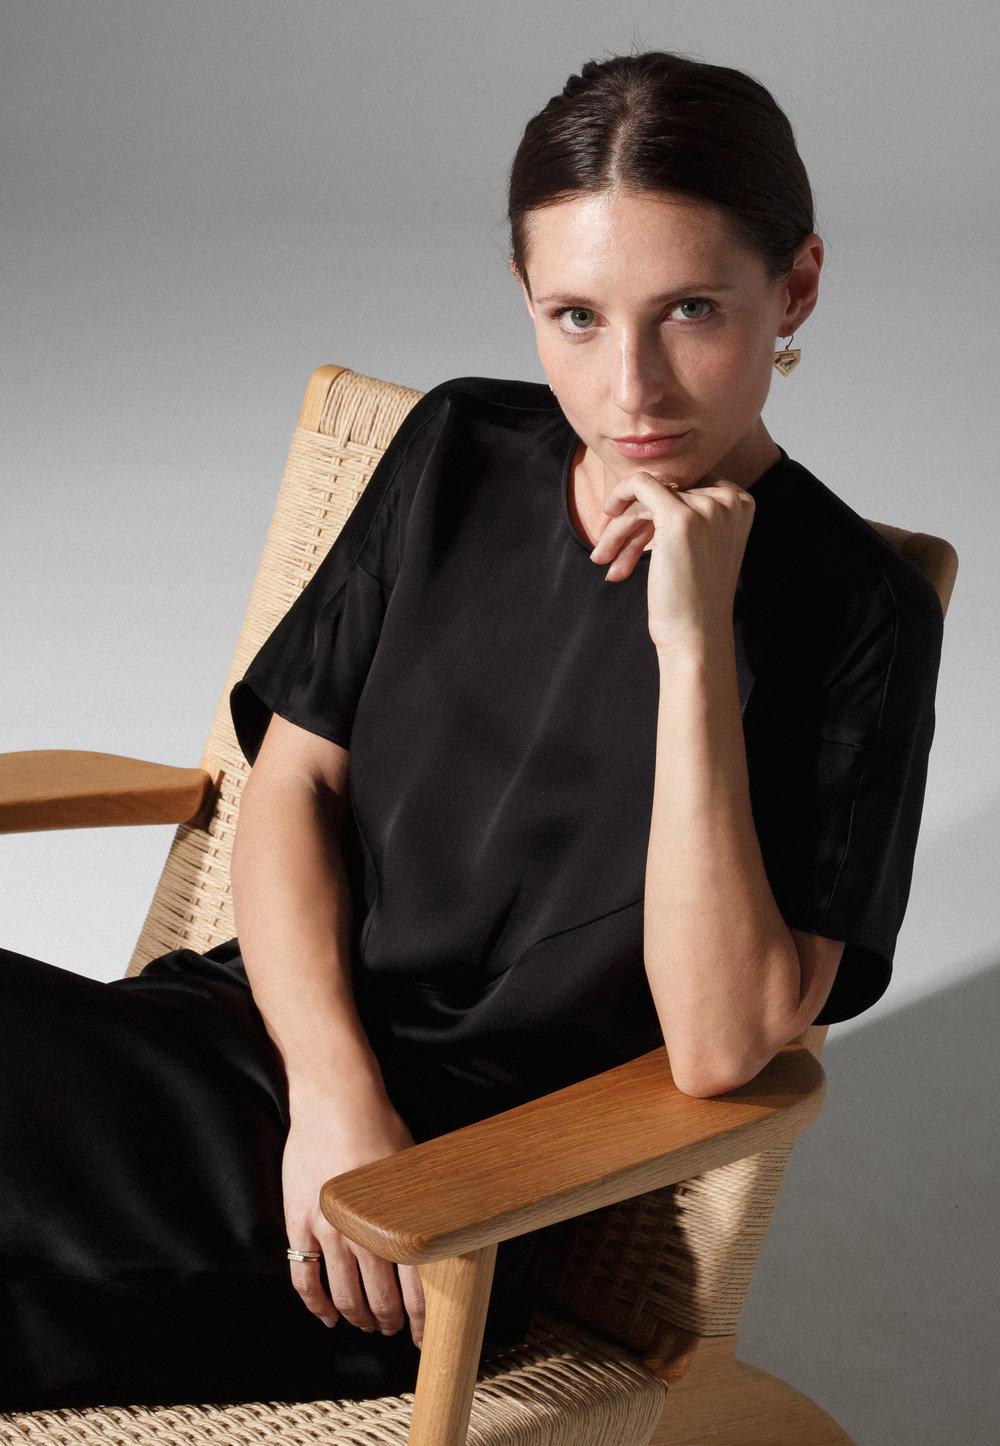 azlee jewelry founder baylee zwart